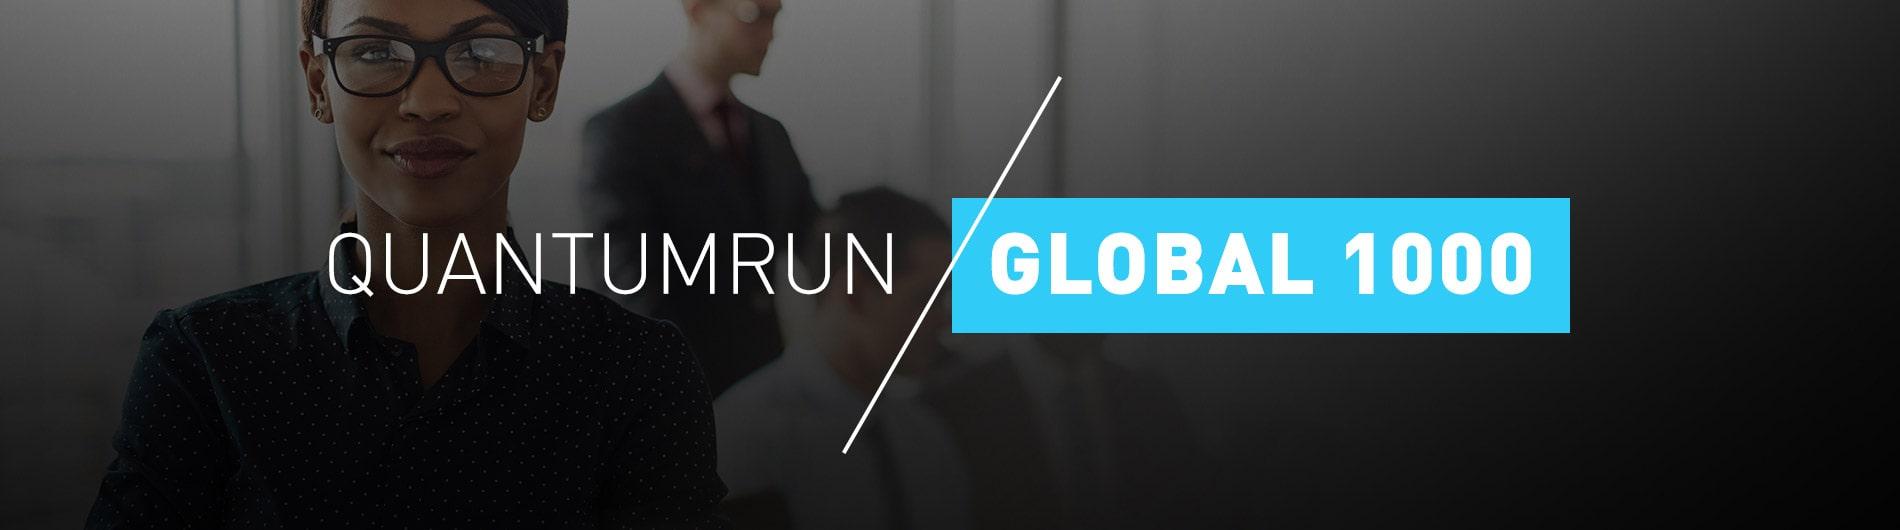 Quantumrun Global 1000